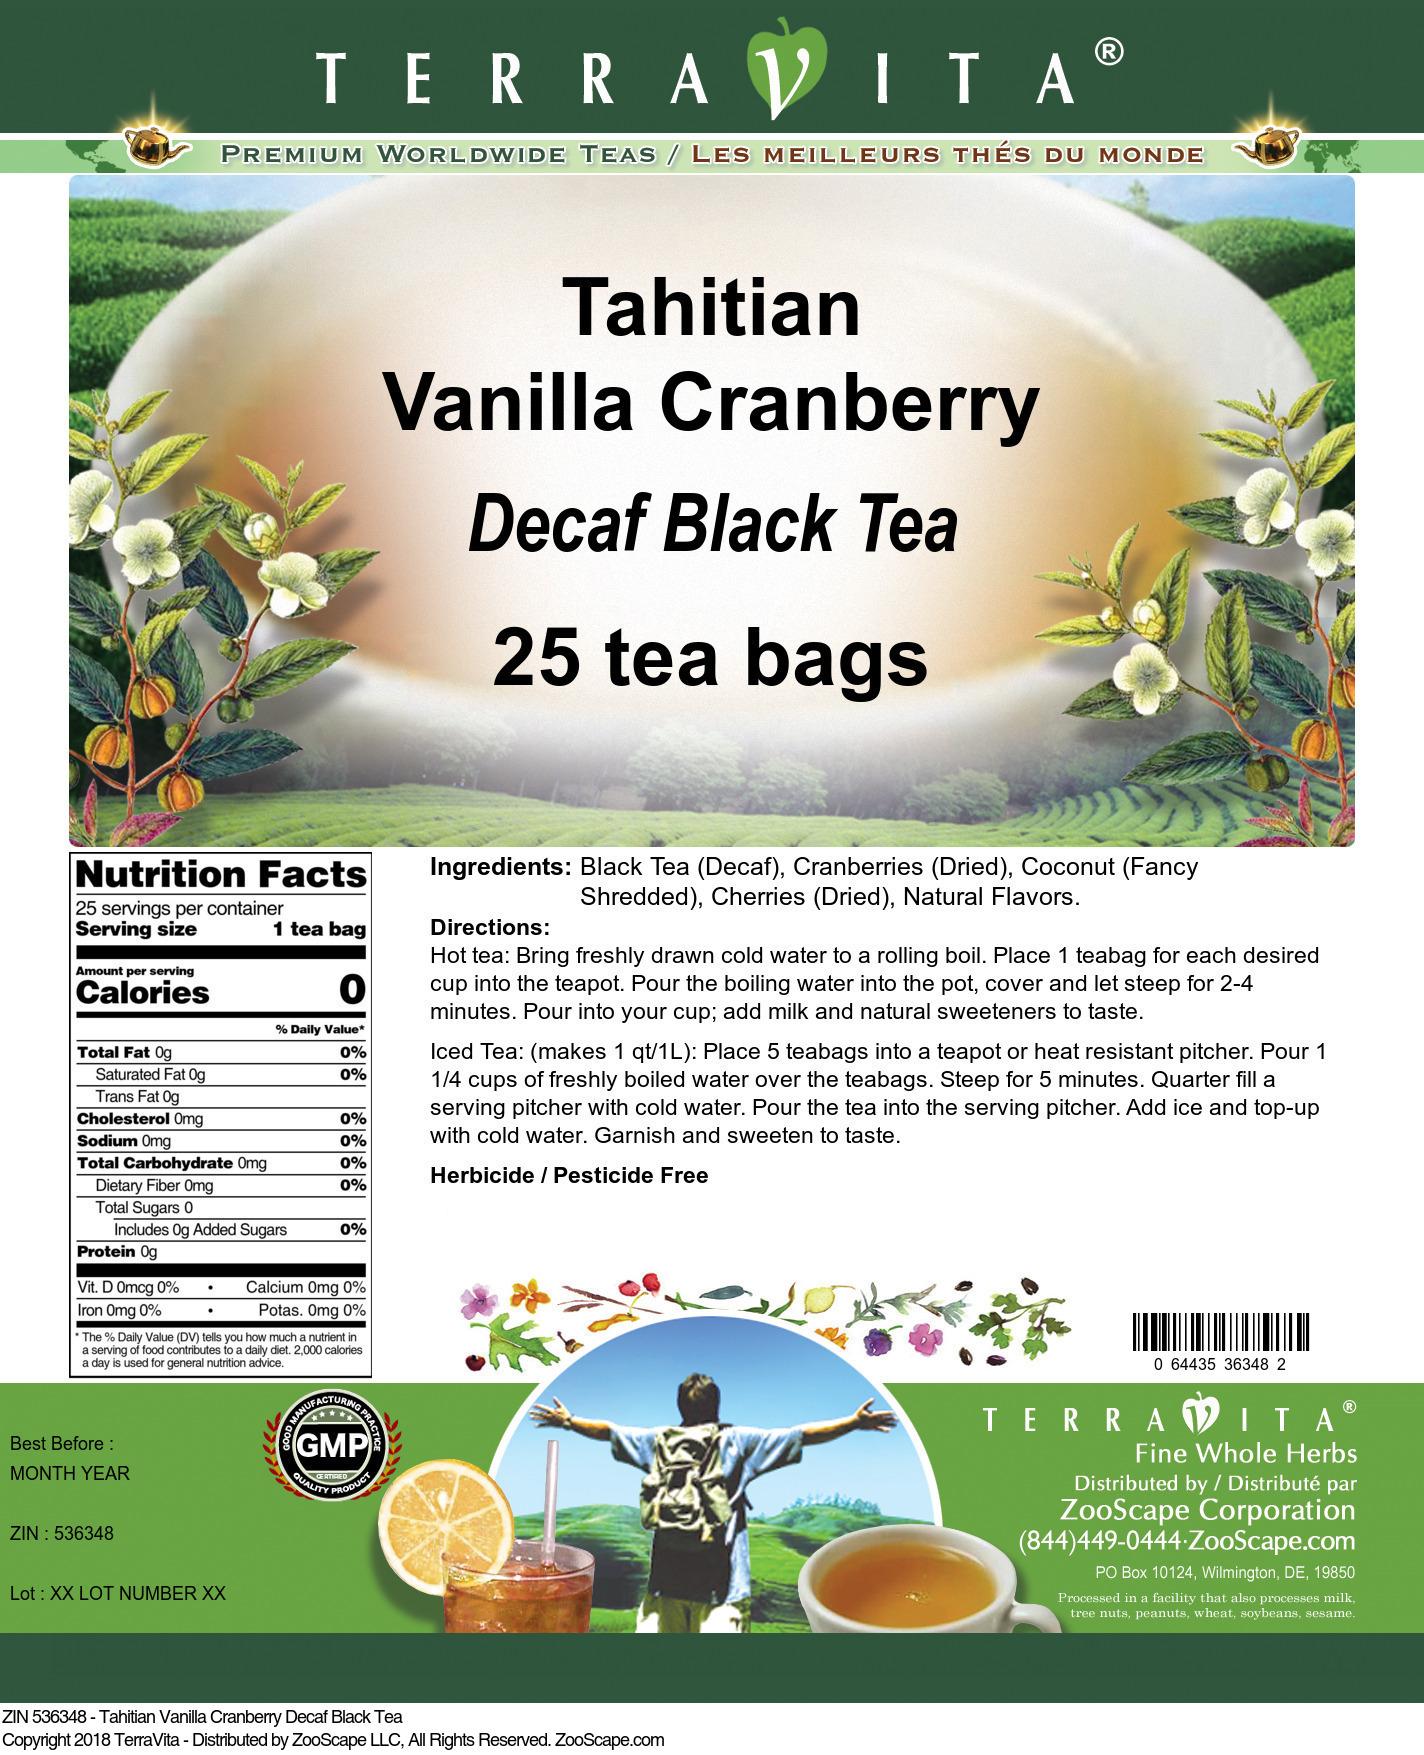 Tahitian Vanilla Cranberry Decaf Black Tea